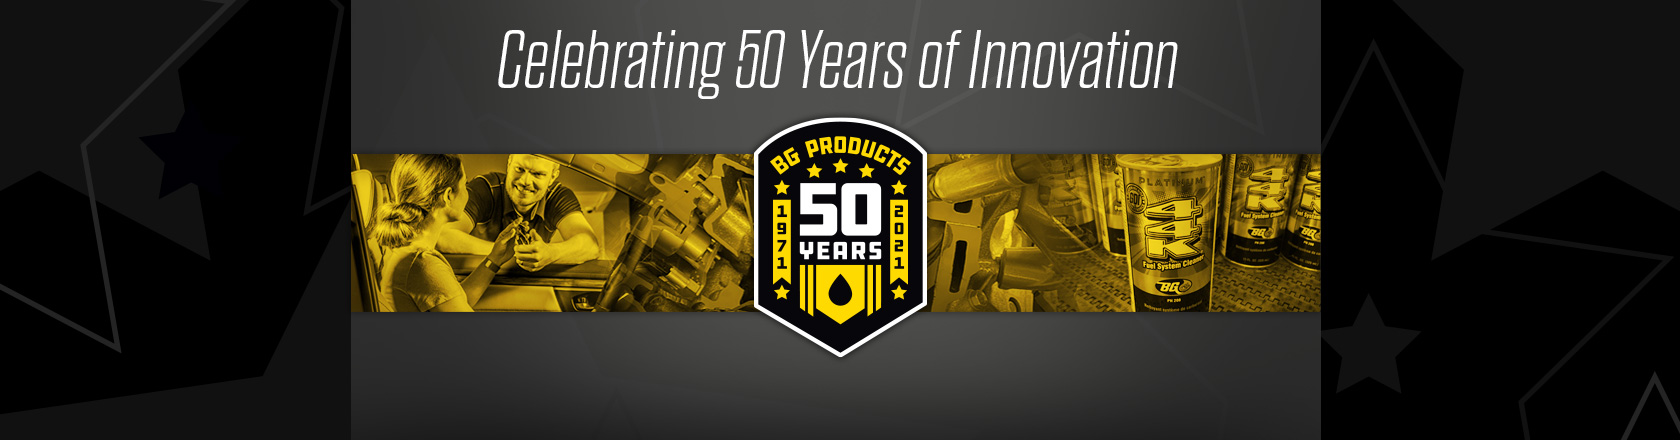 BG 50 Year Anniversary